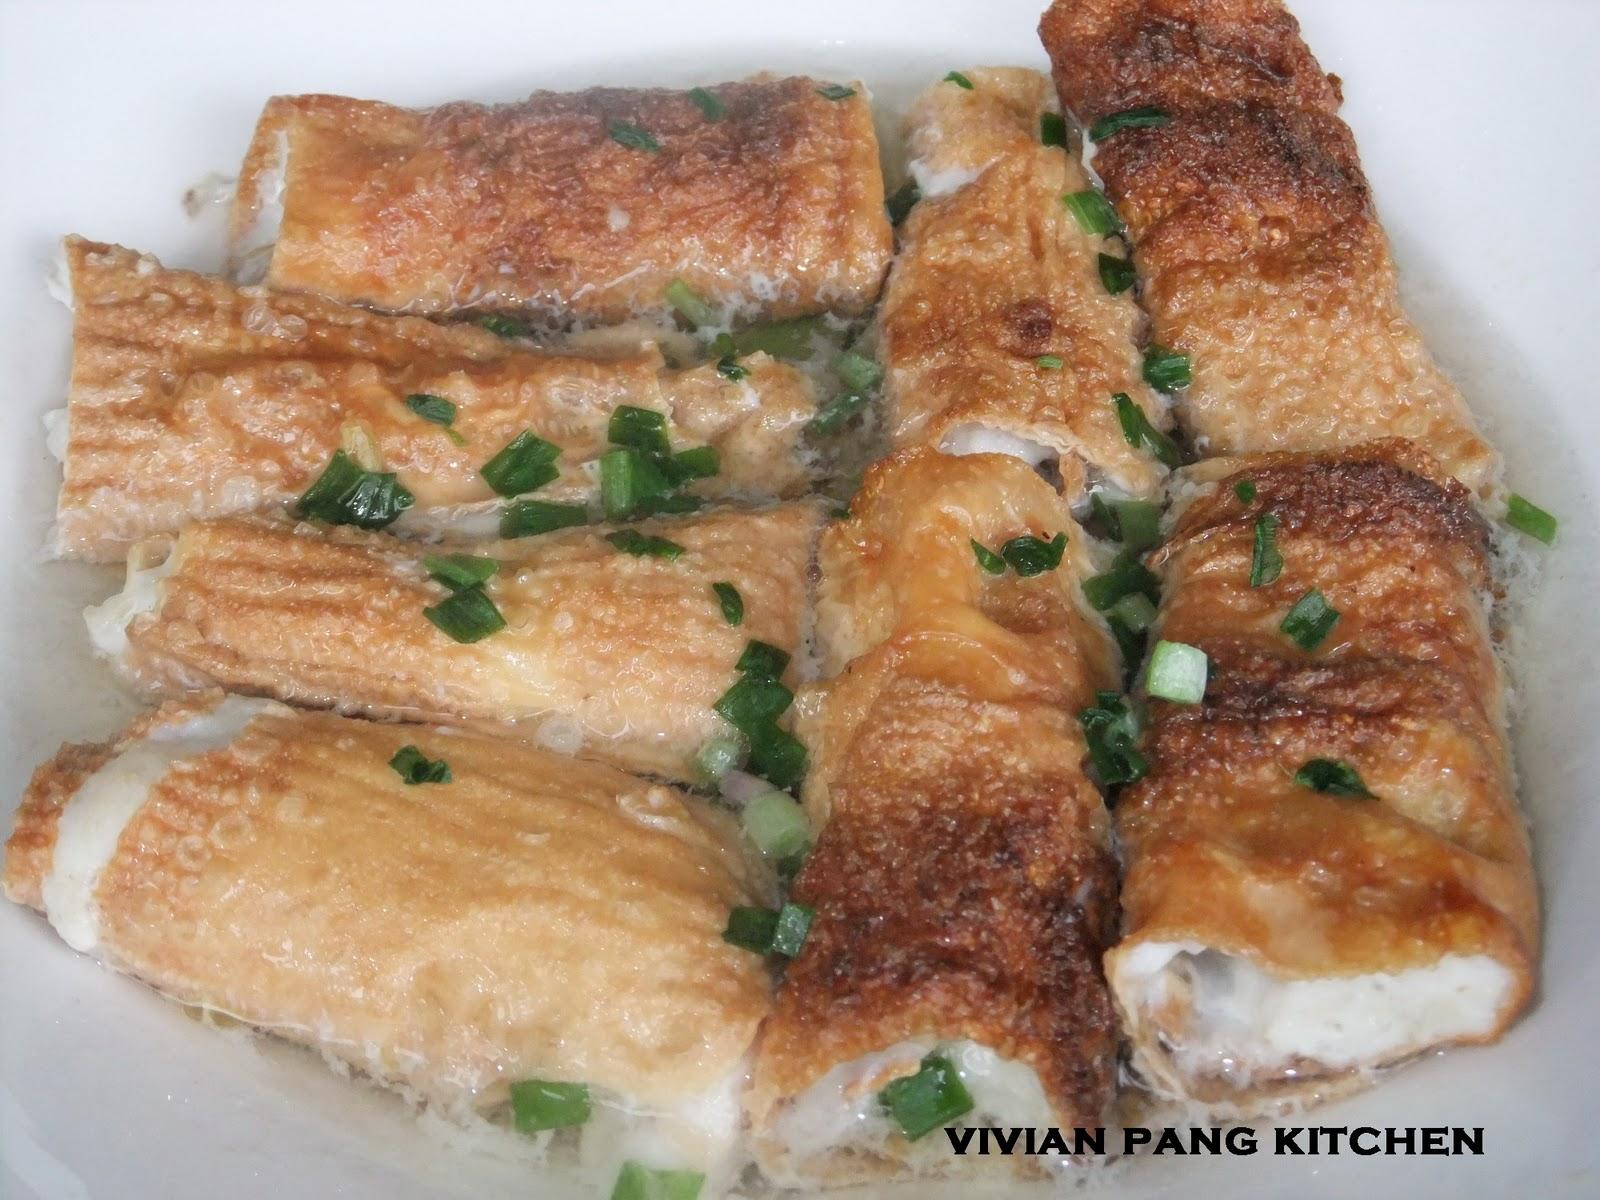 Vivian Pang Kitchen: Fish Paste Bean Curd Rolls